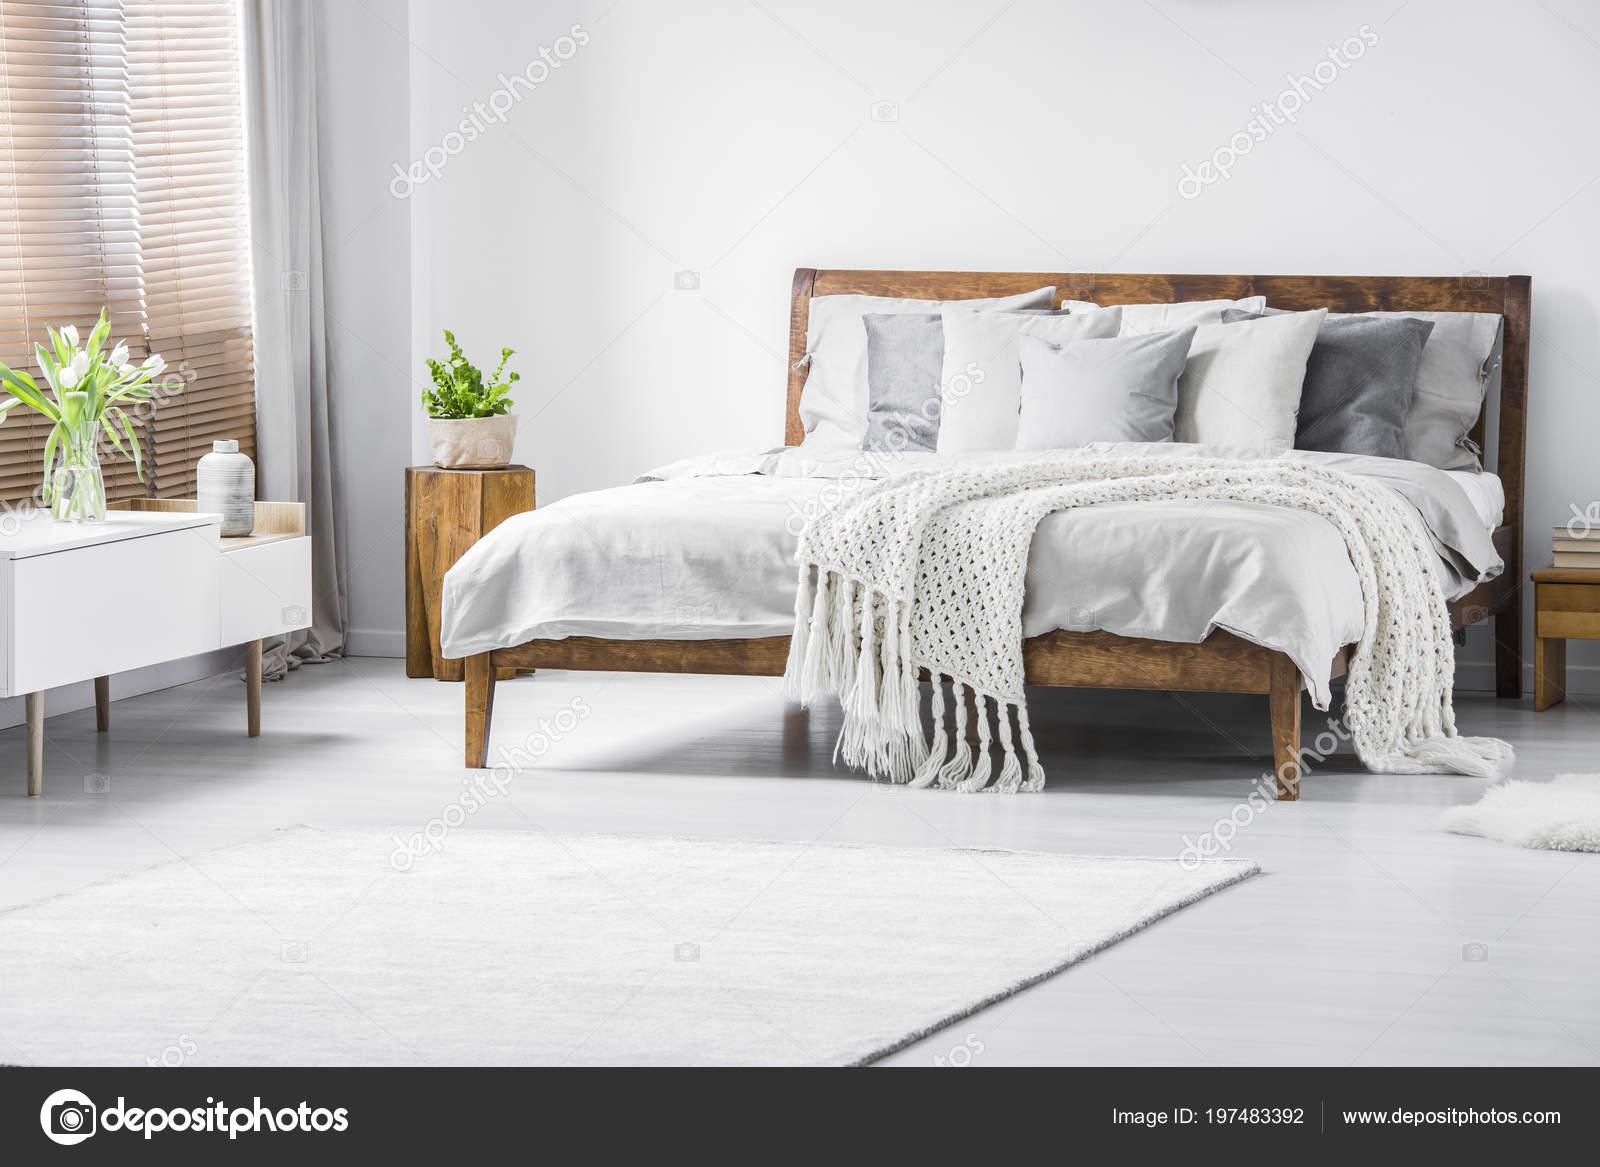 Houten Slaapkamer Kast : Wit gebreid deken houten bed minimale slaapkamer interieur met